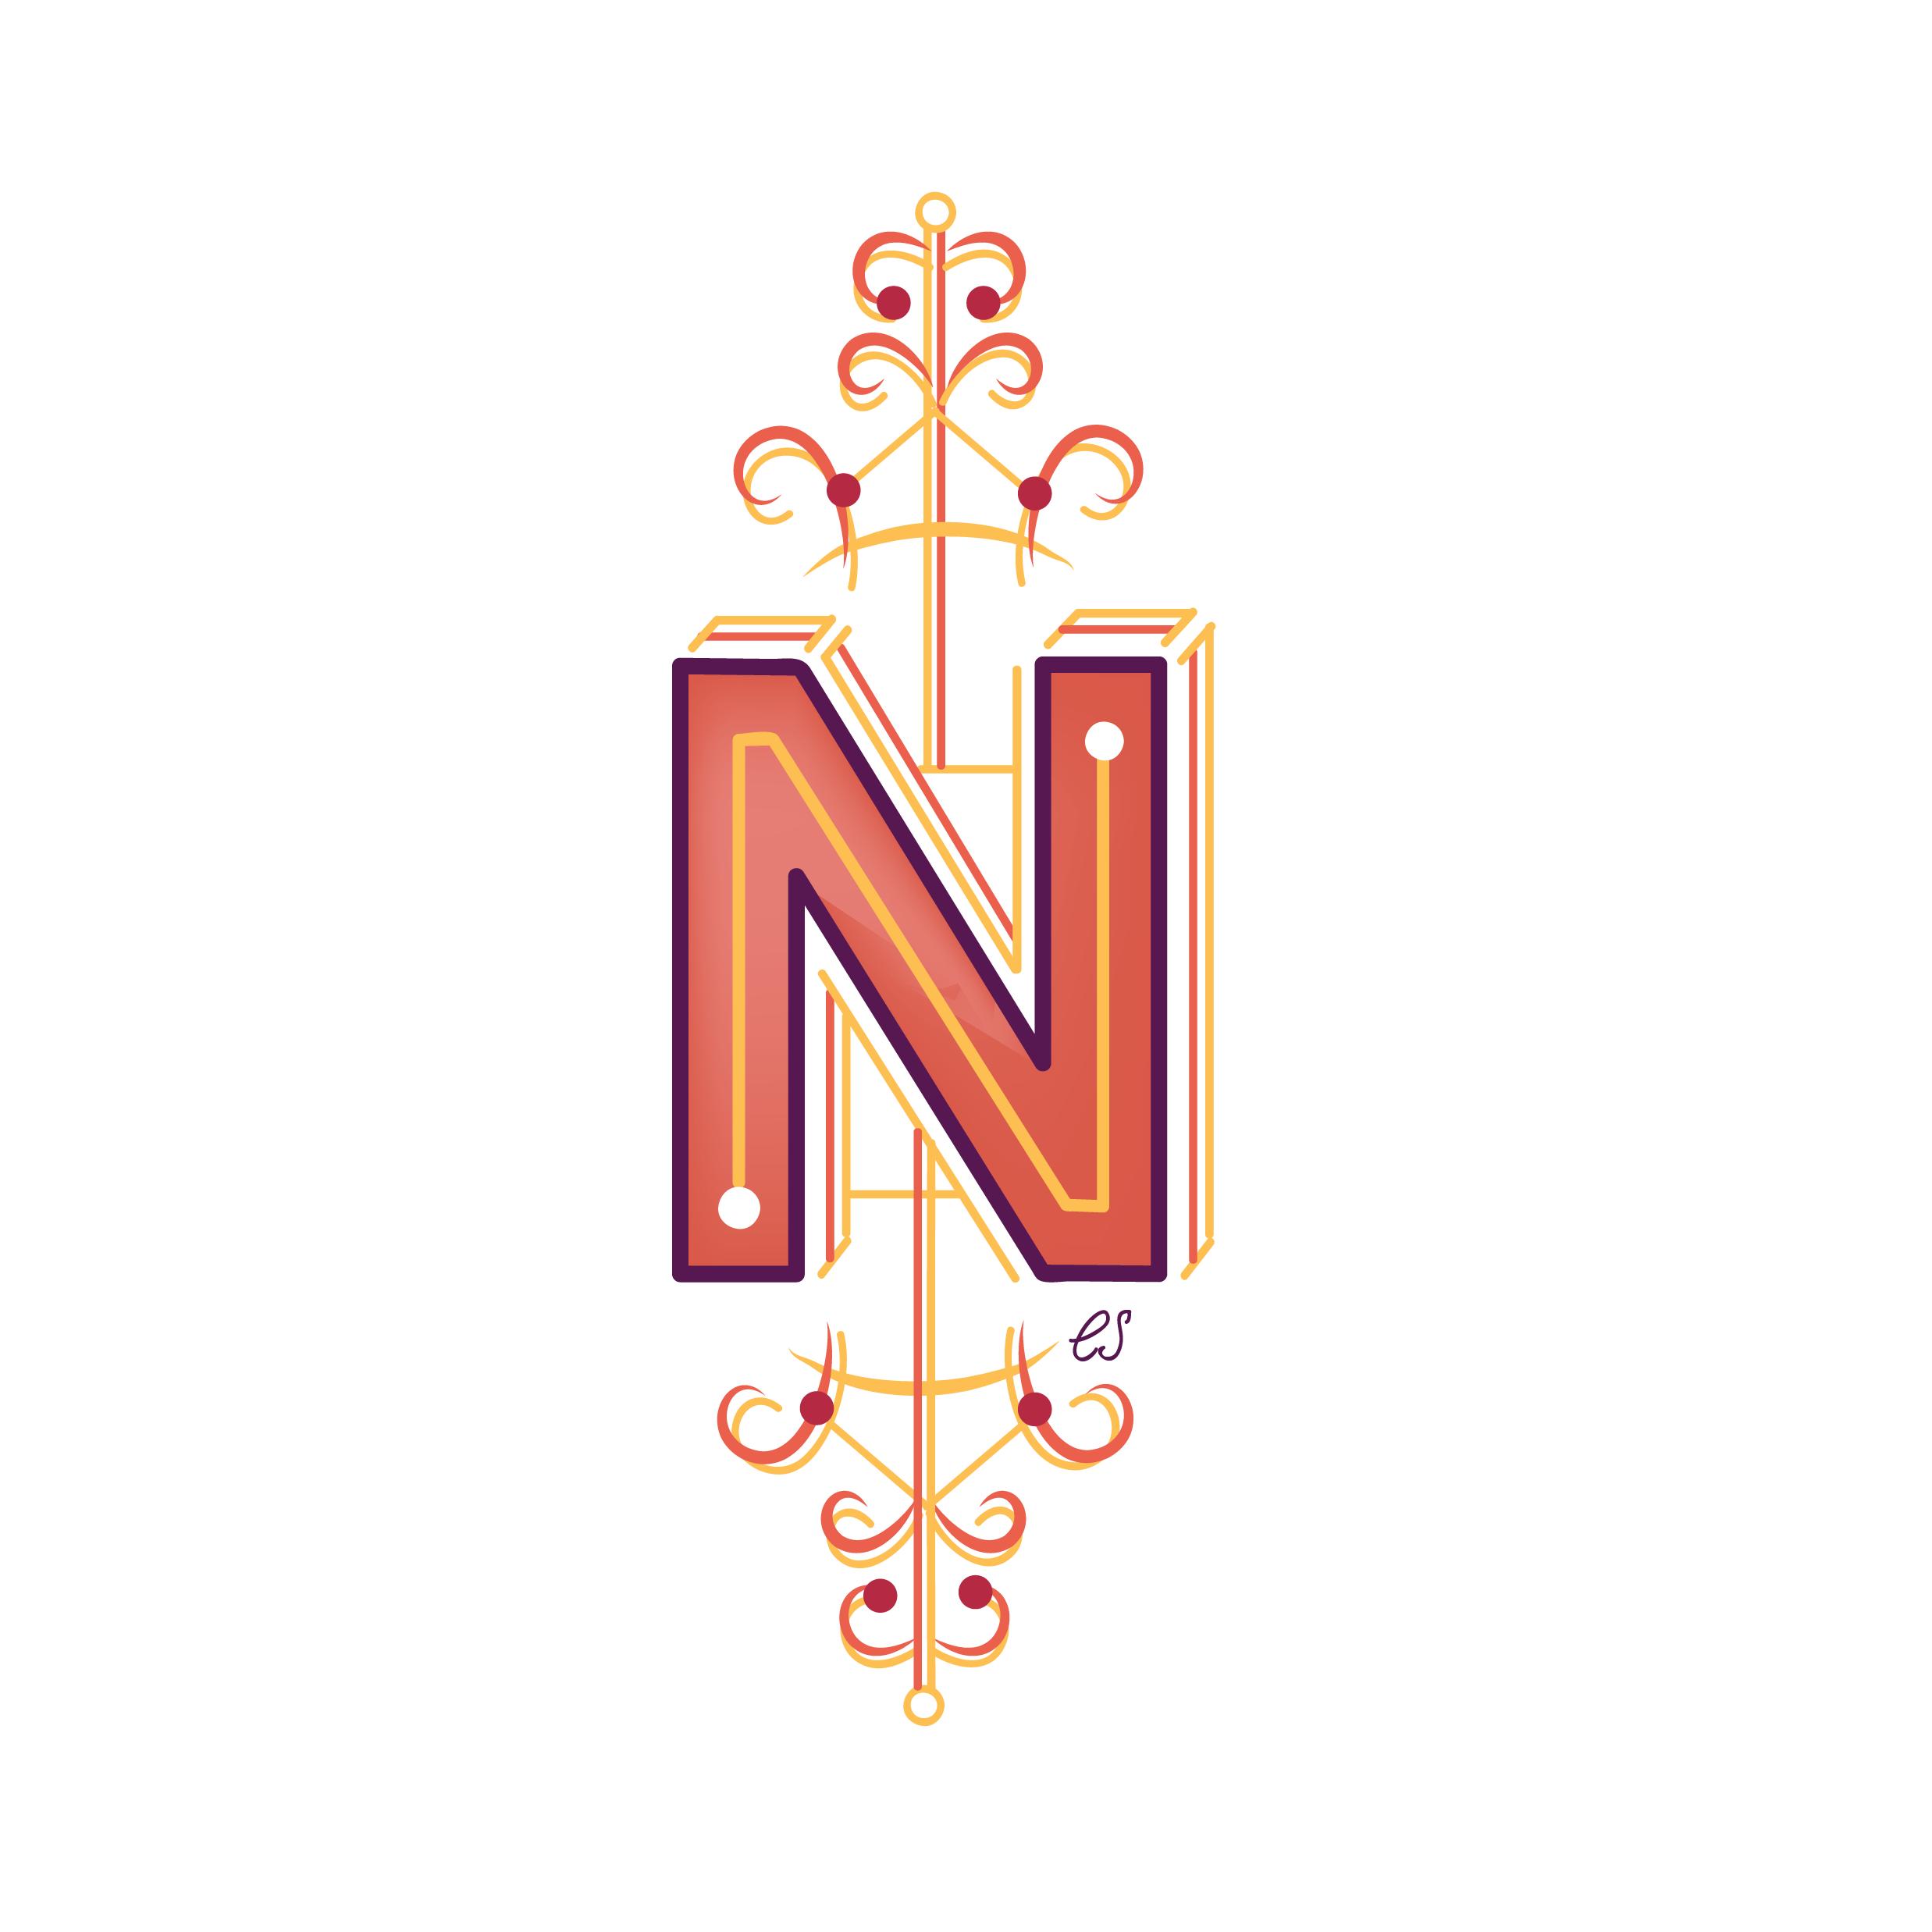 Letter N Design